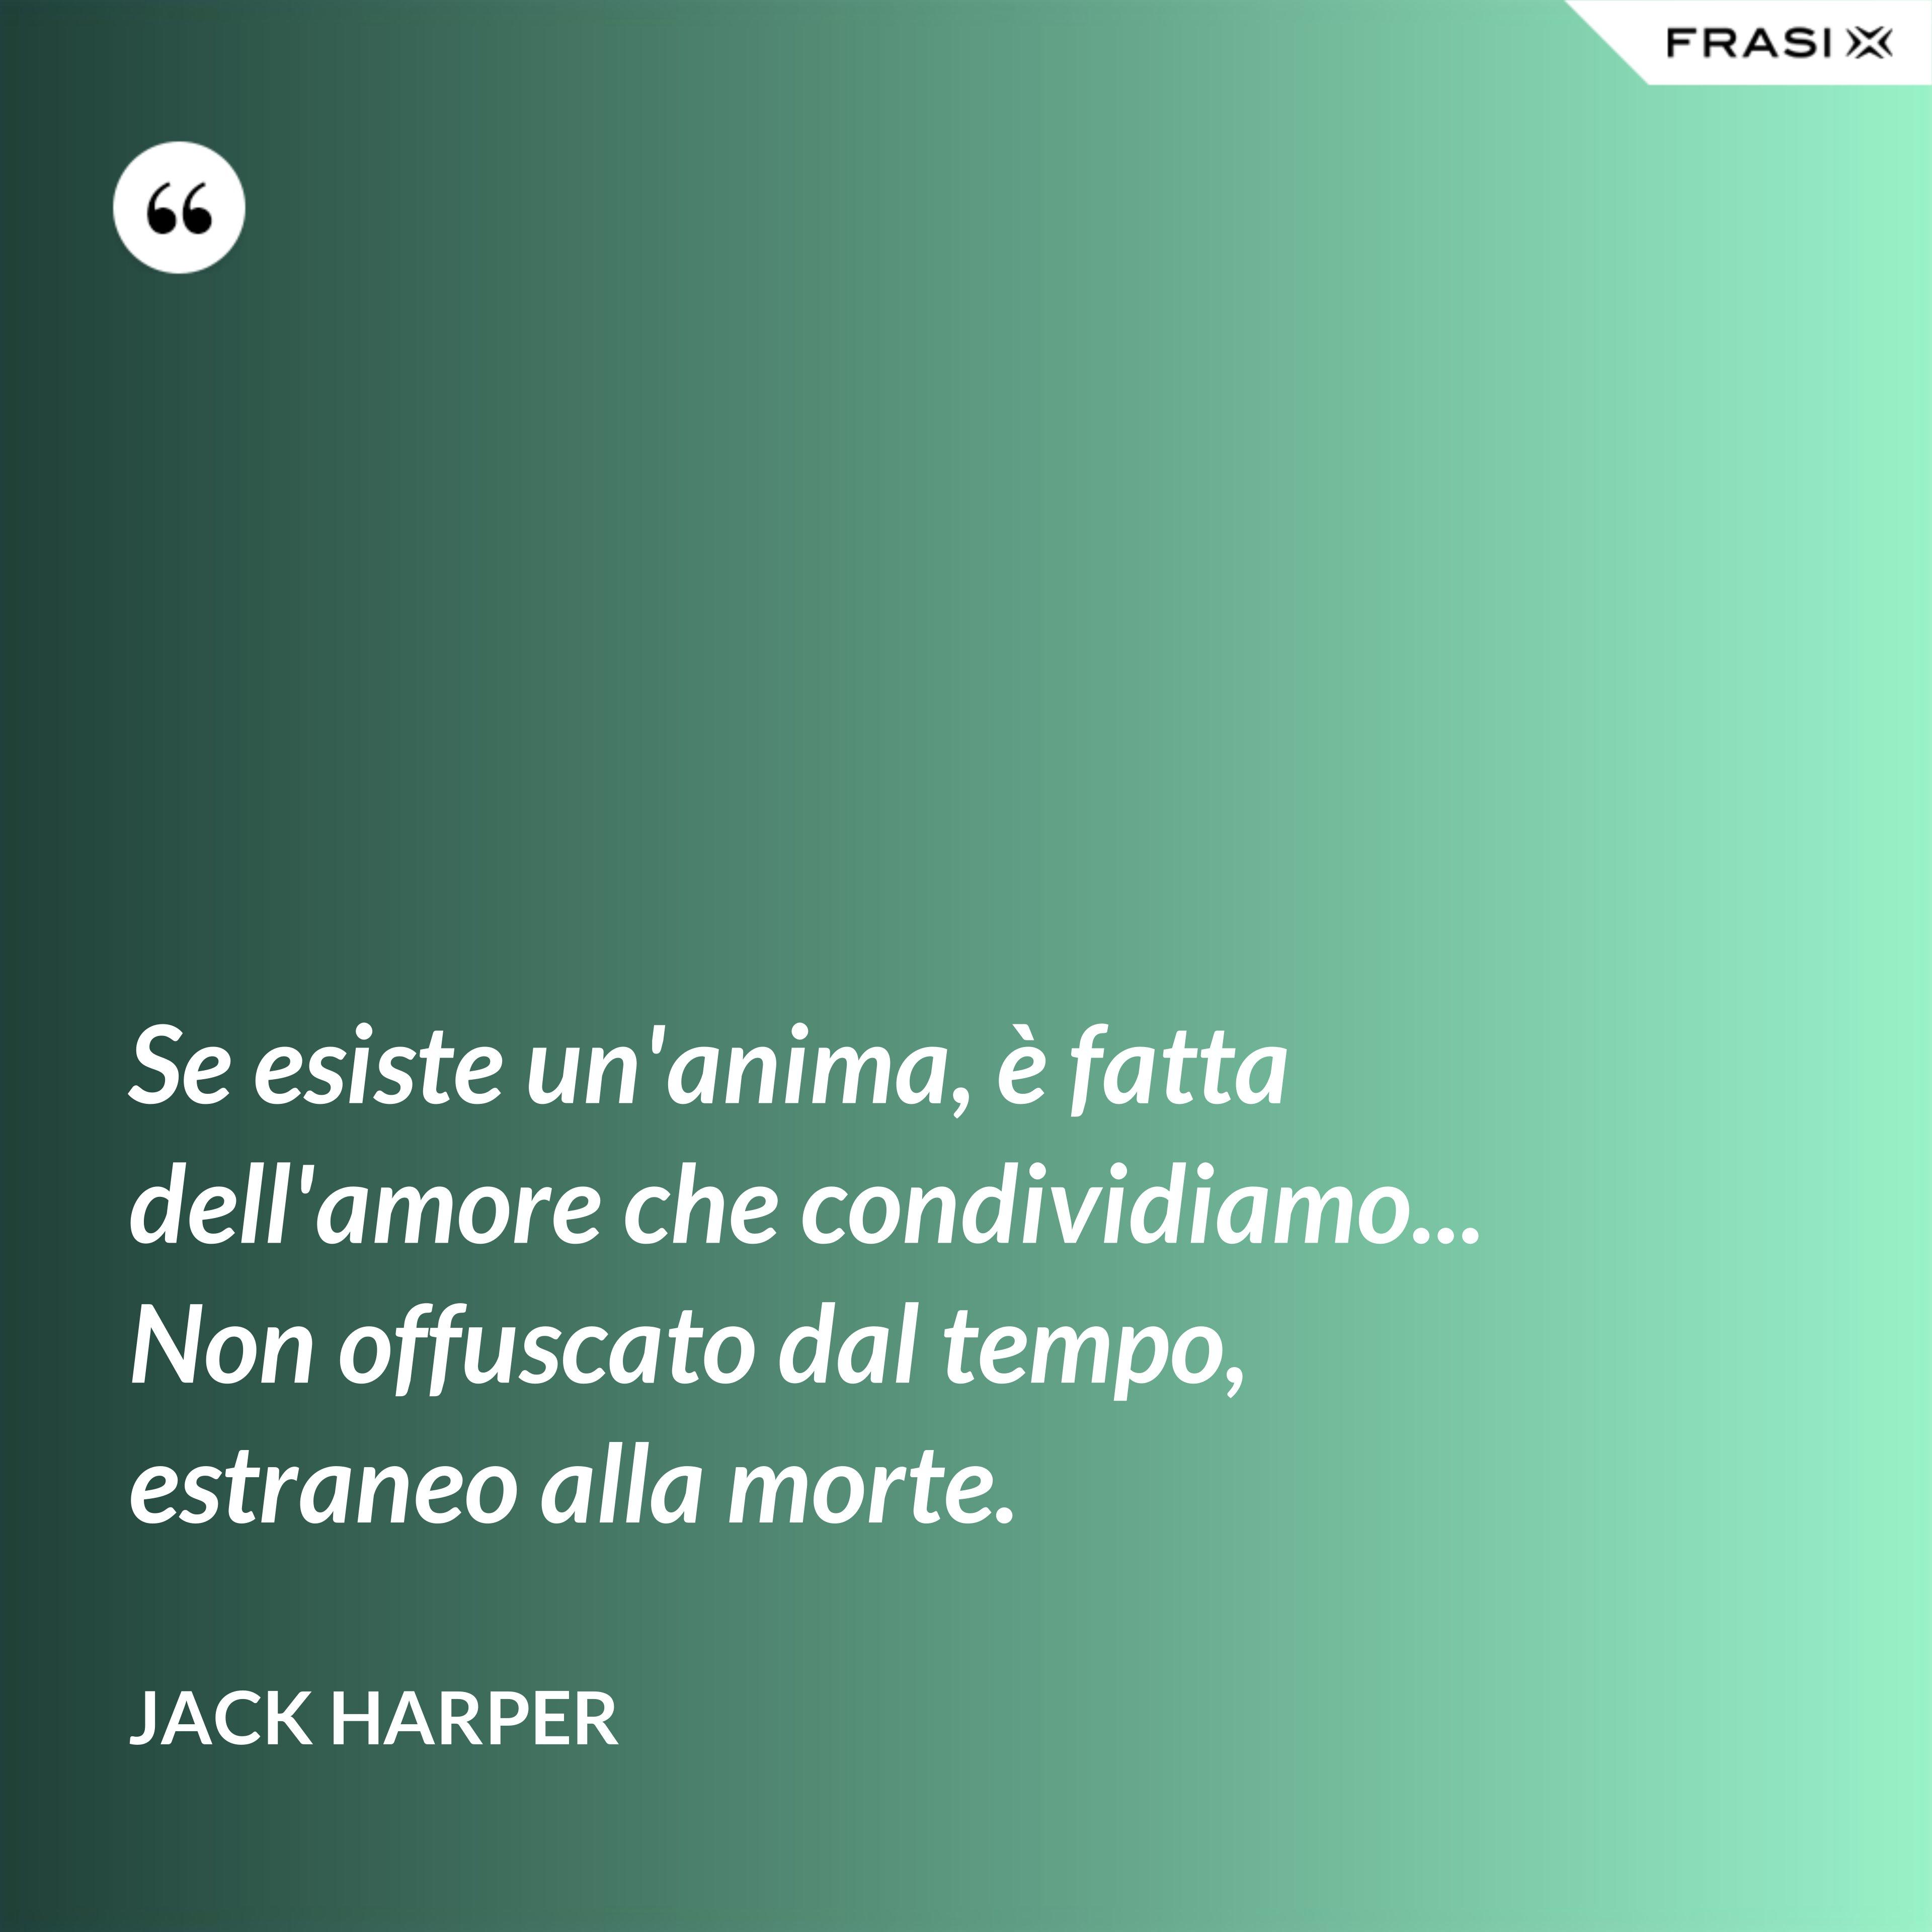 Se esiste un'anima, è fatta dell'amore che condividiamo... Non offuscato dal tempo, estraneo alla morte. - Jack Harper